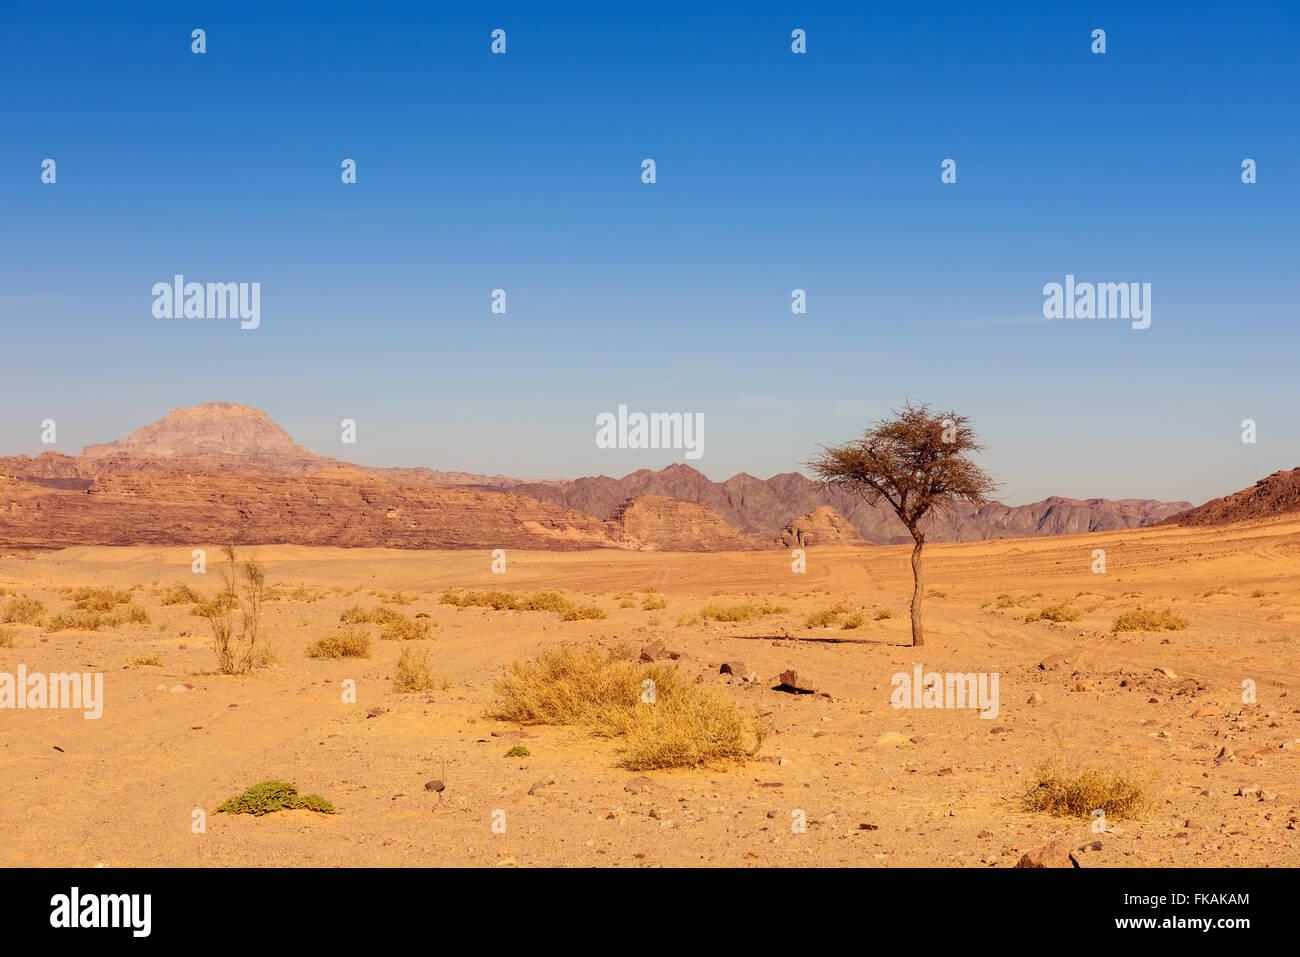 Y el árbol seco del desierto de Sinaí Egipto Imagen De Stock